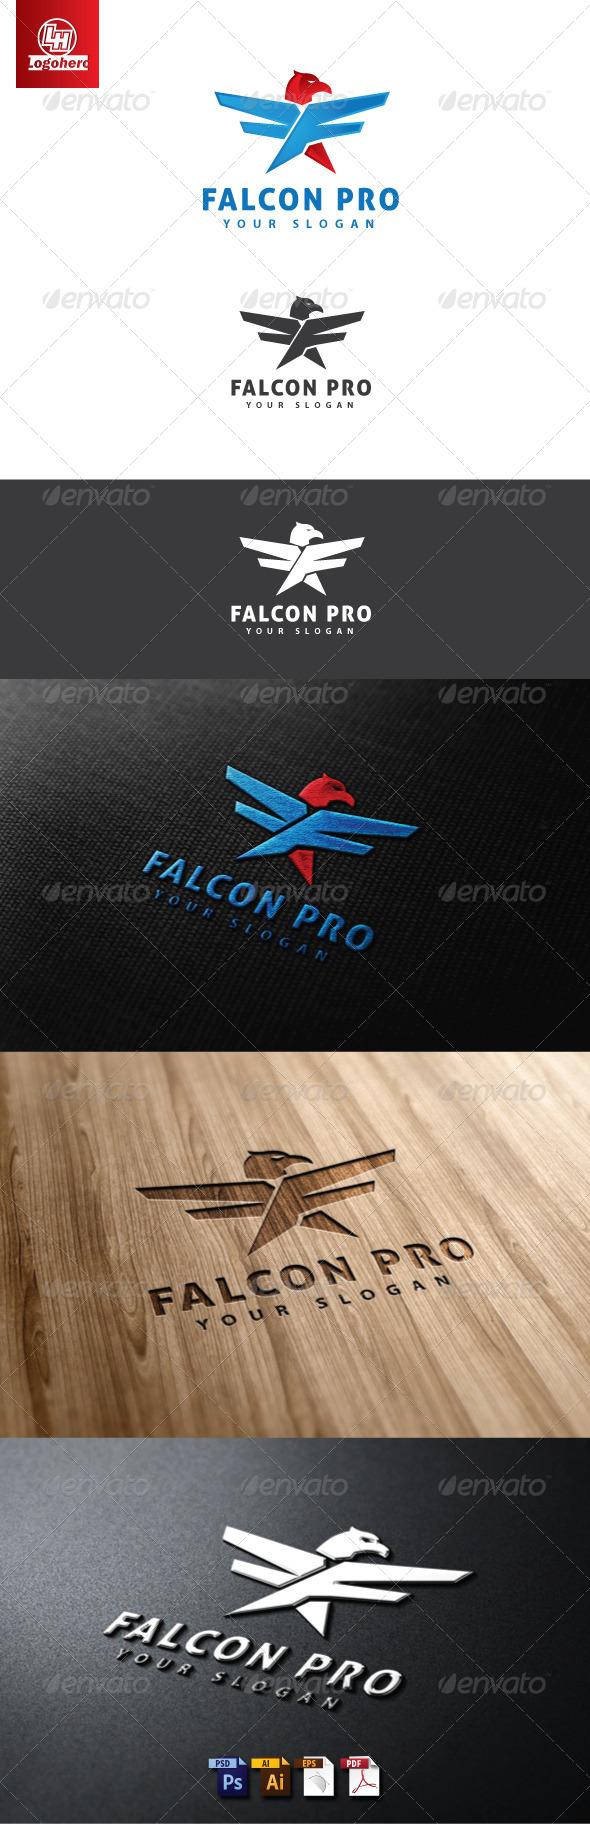 Falcon Pro Logo Template.zip - Animals Logo Templates